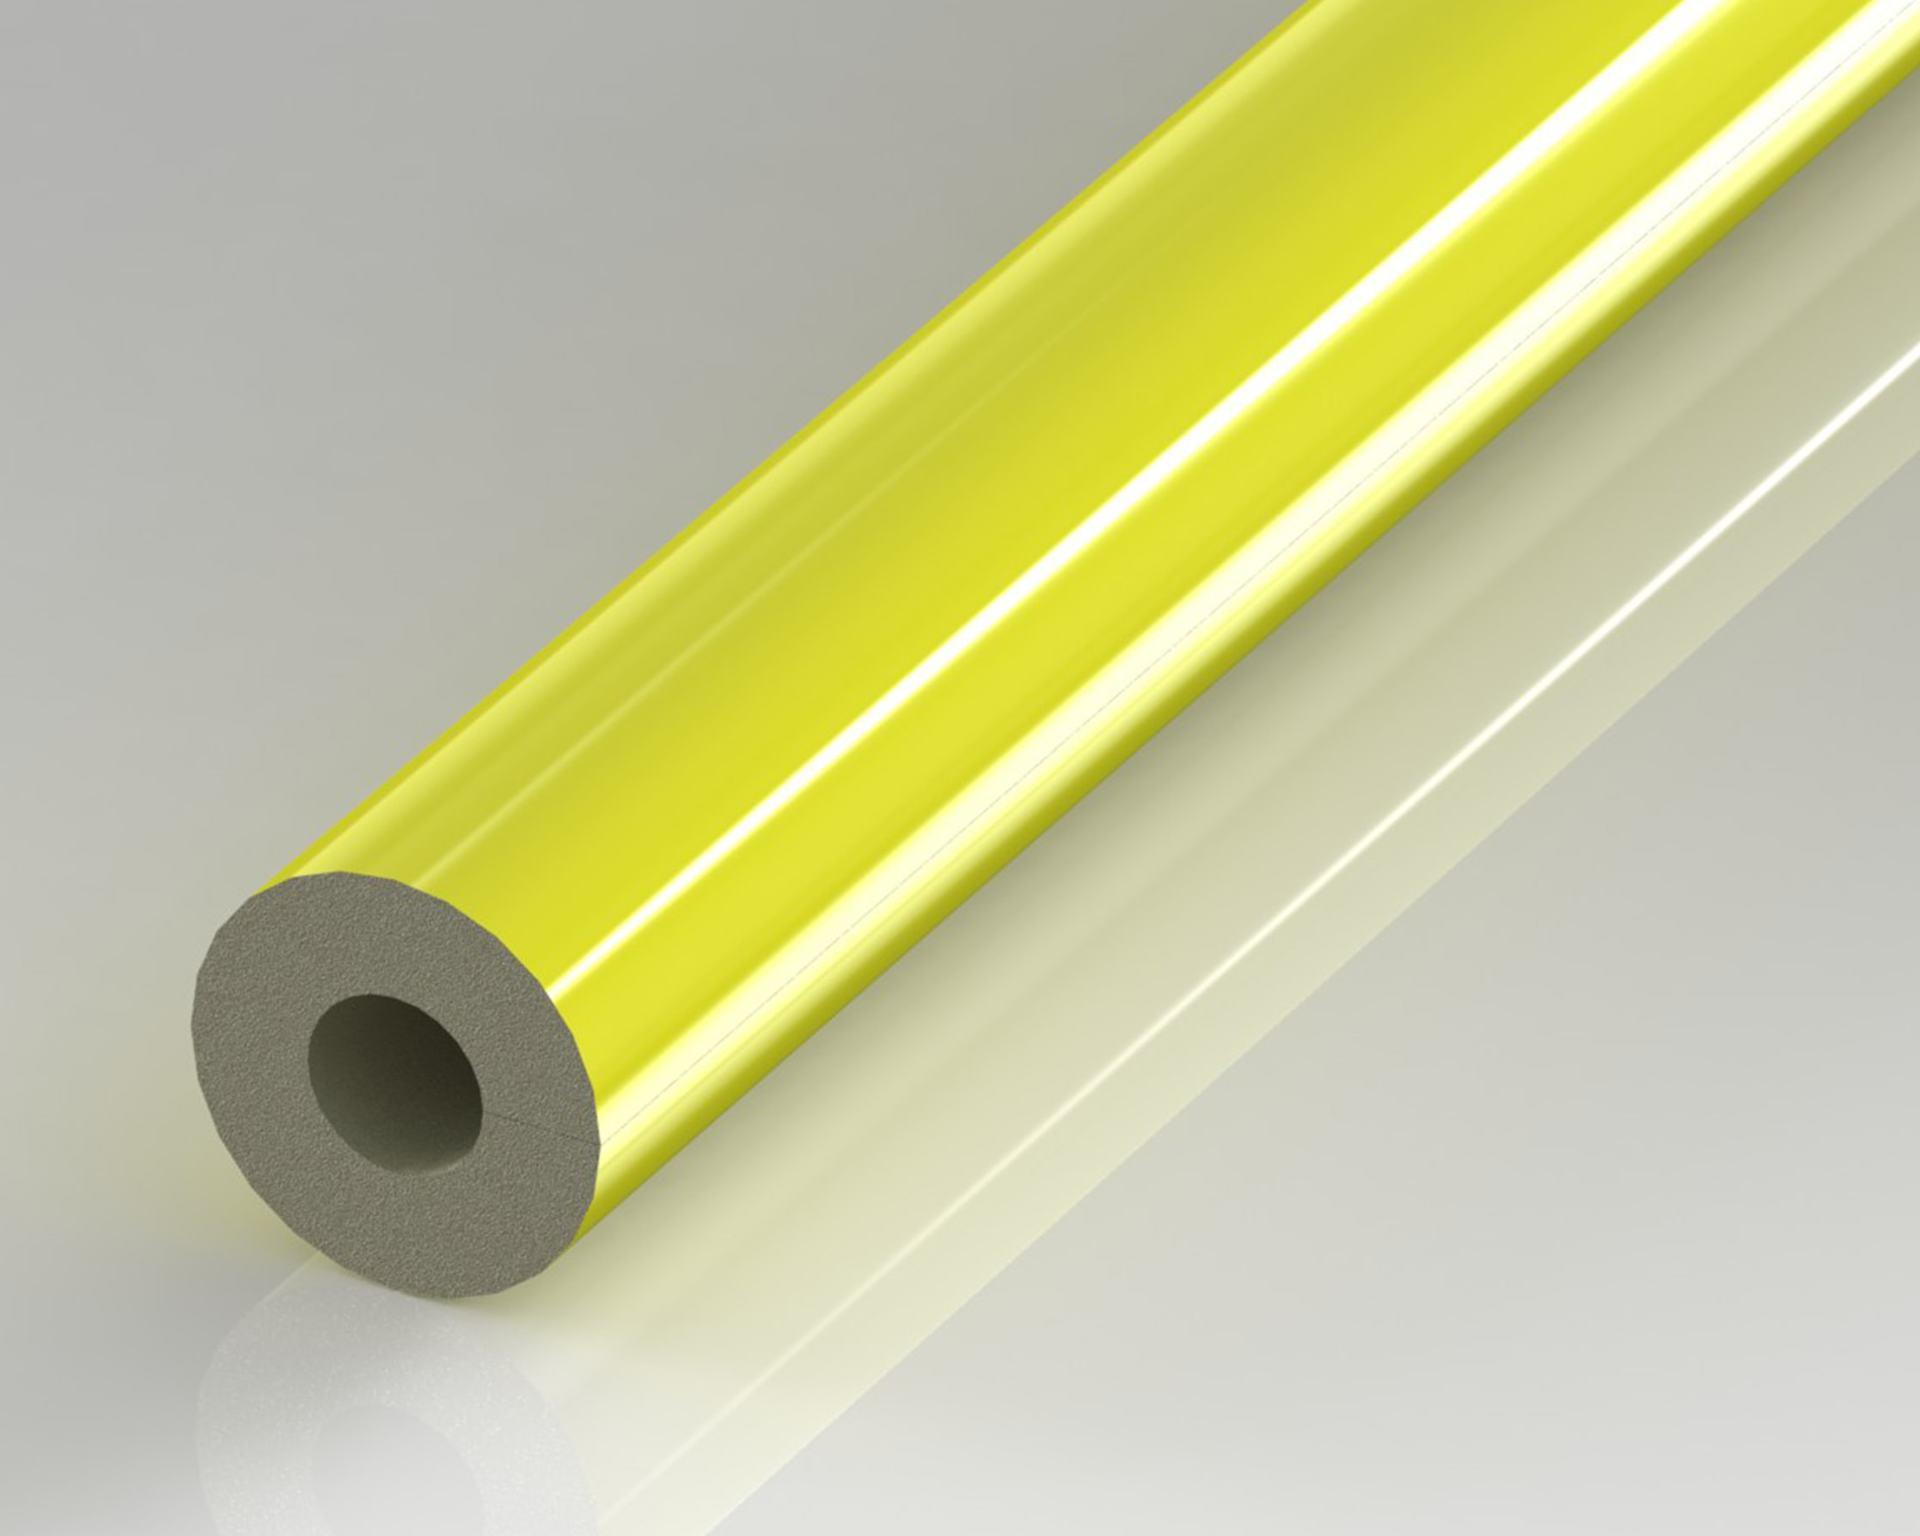 PEK3 Easytube Pipe plus Joints Protectors J I